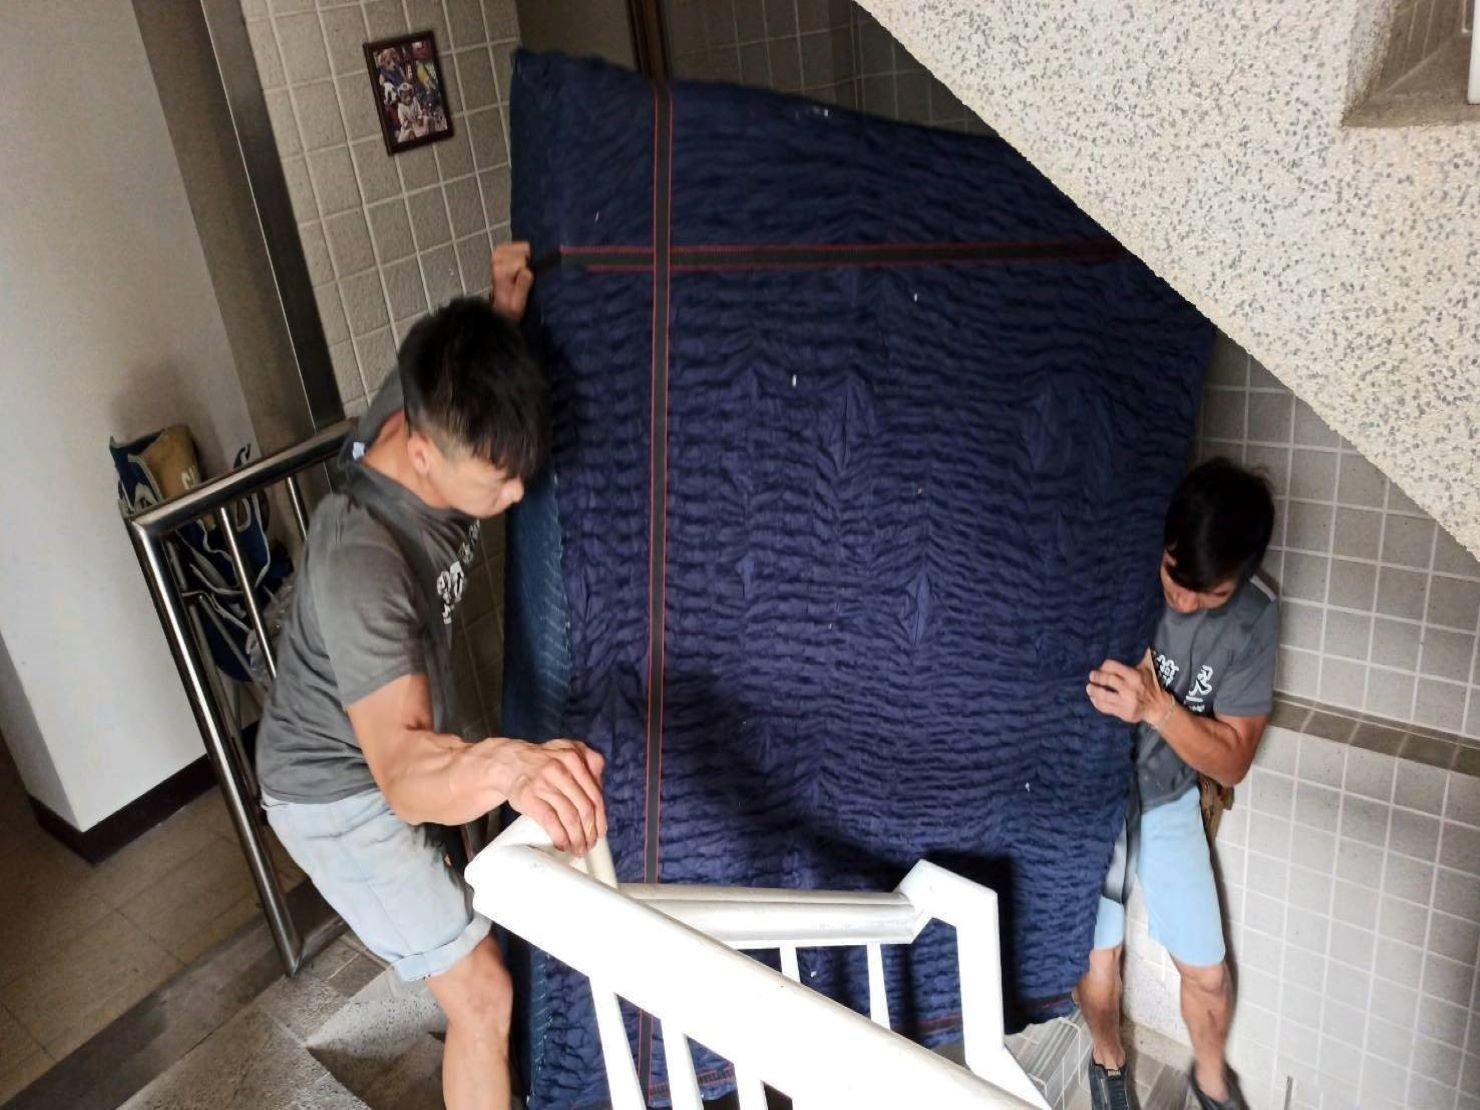 精搬鋼琴【榮福搬家】口碑第一、台北搬家推薦:由榮福搬家專業鋼琴組師傅兩人將布繩綑繞鋼琴,背於身上作業